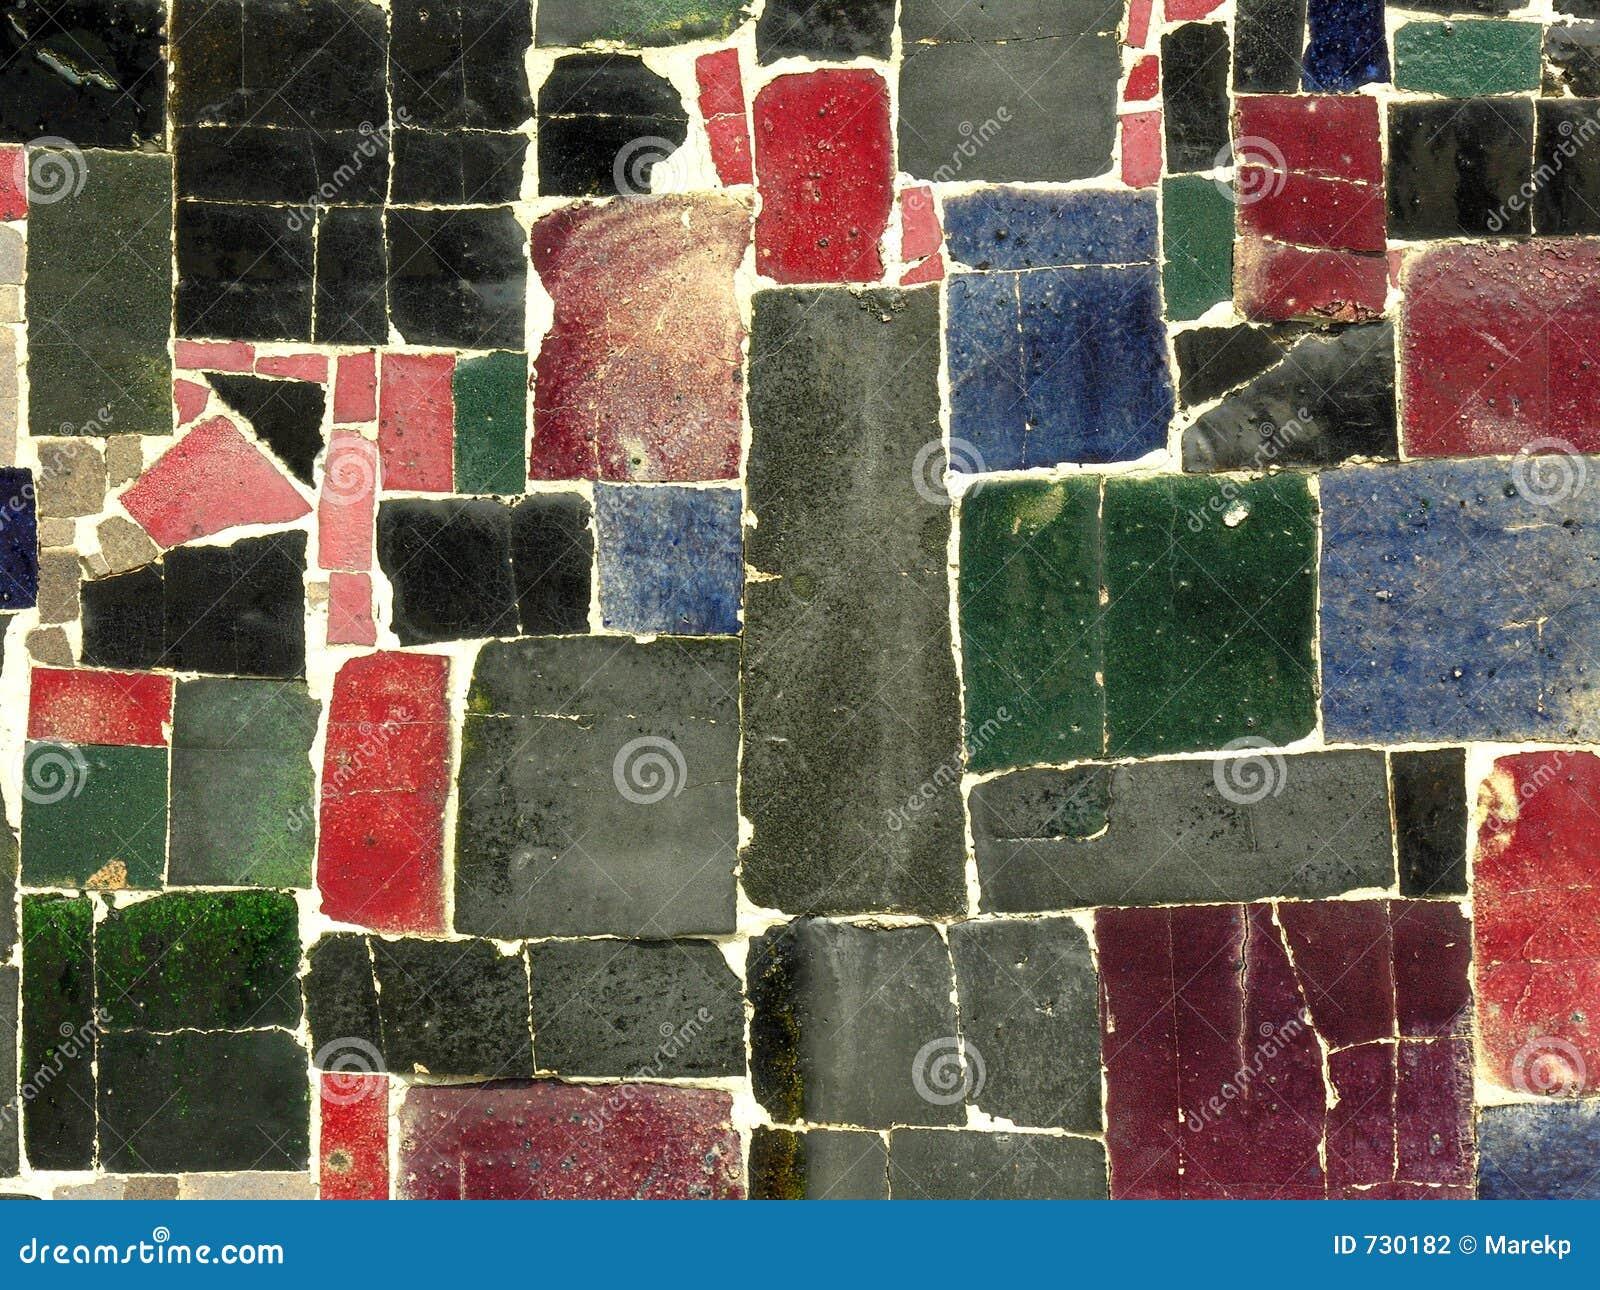 farbe deckt mosaik gelegentliches muster mit ziegeln stockfotografie bild 730182. Black Bedroom Furniture Sets. Home Design Ideas